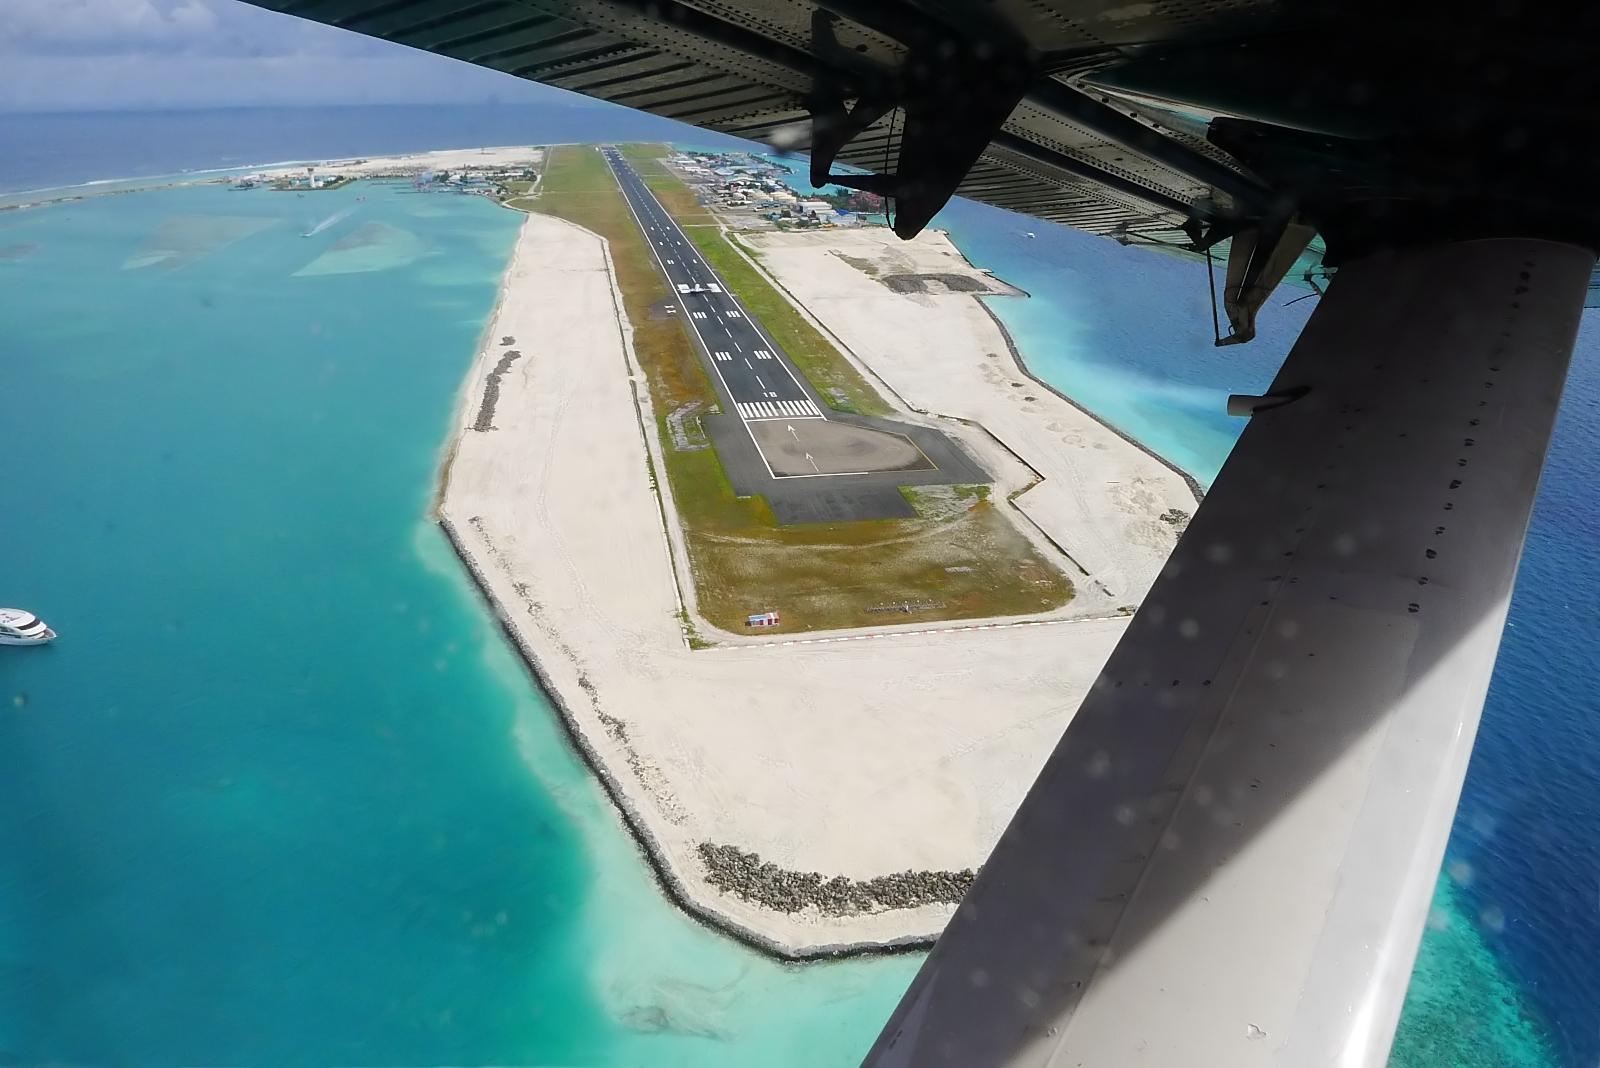 Malé_Airport_(8684876813).